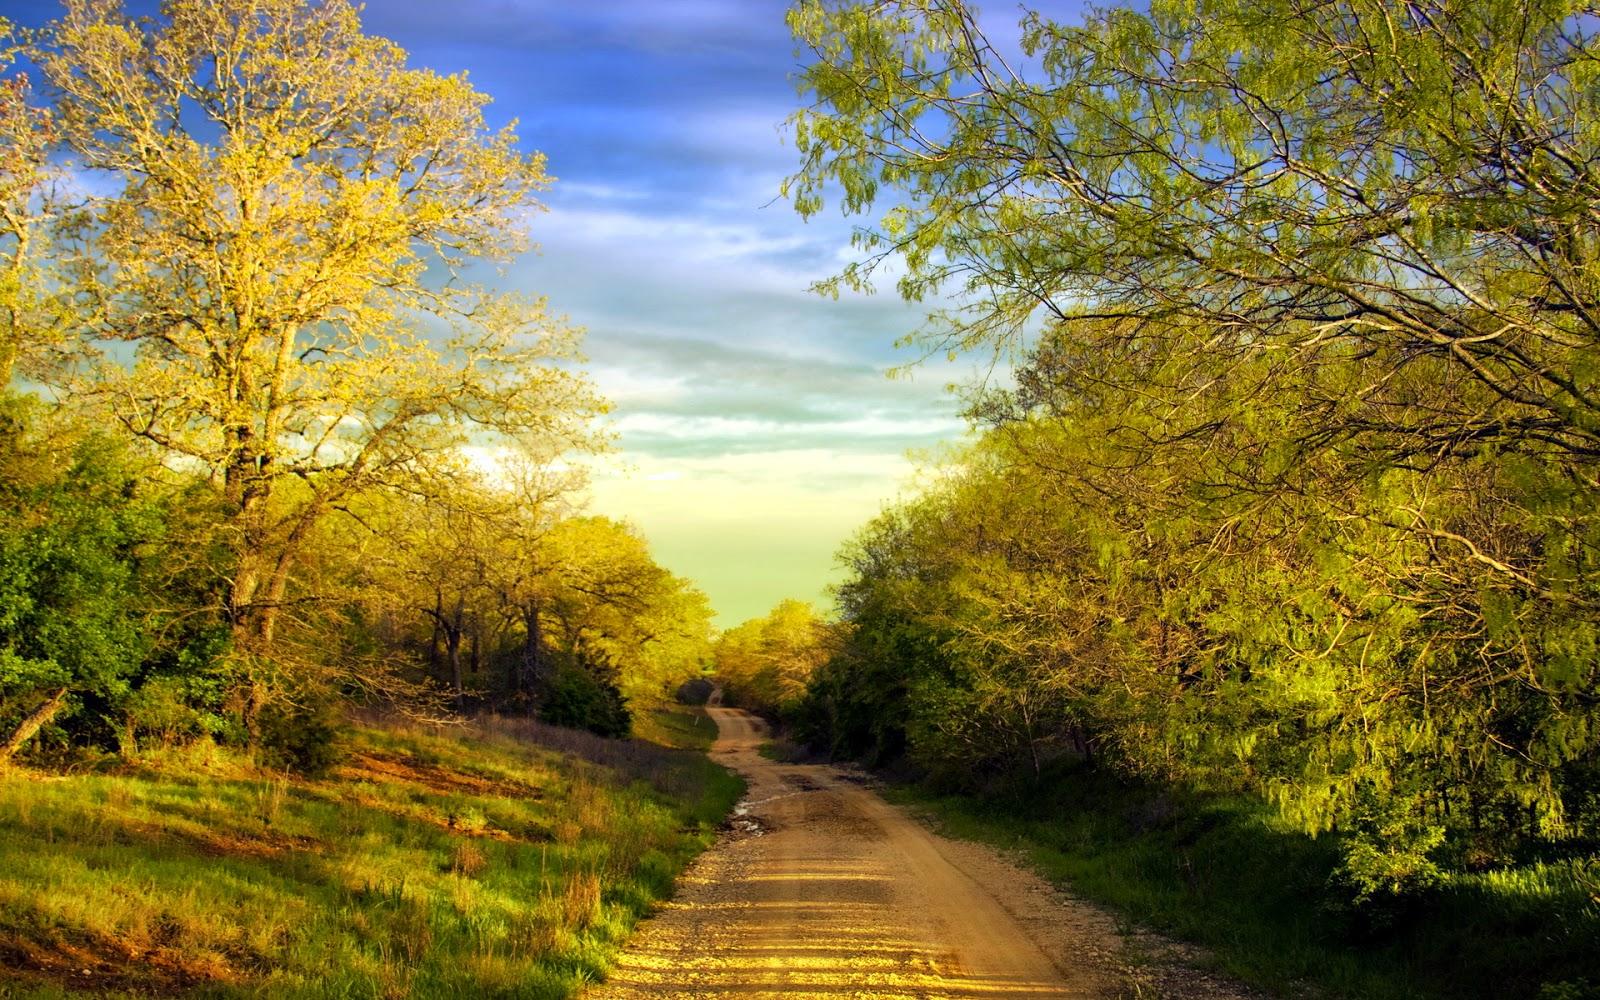 lane nature